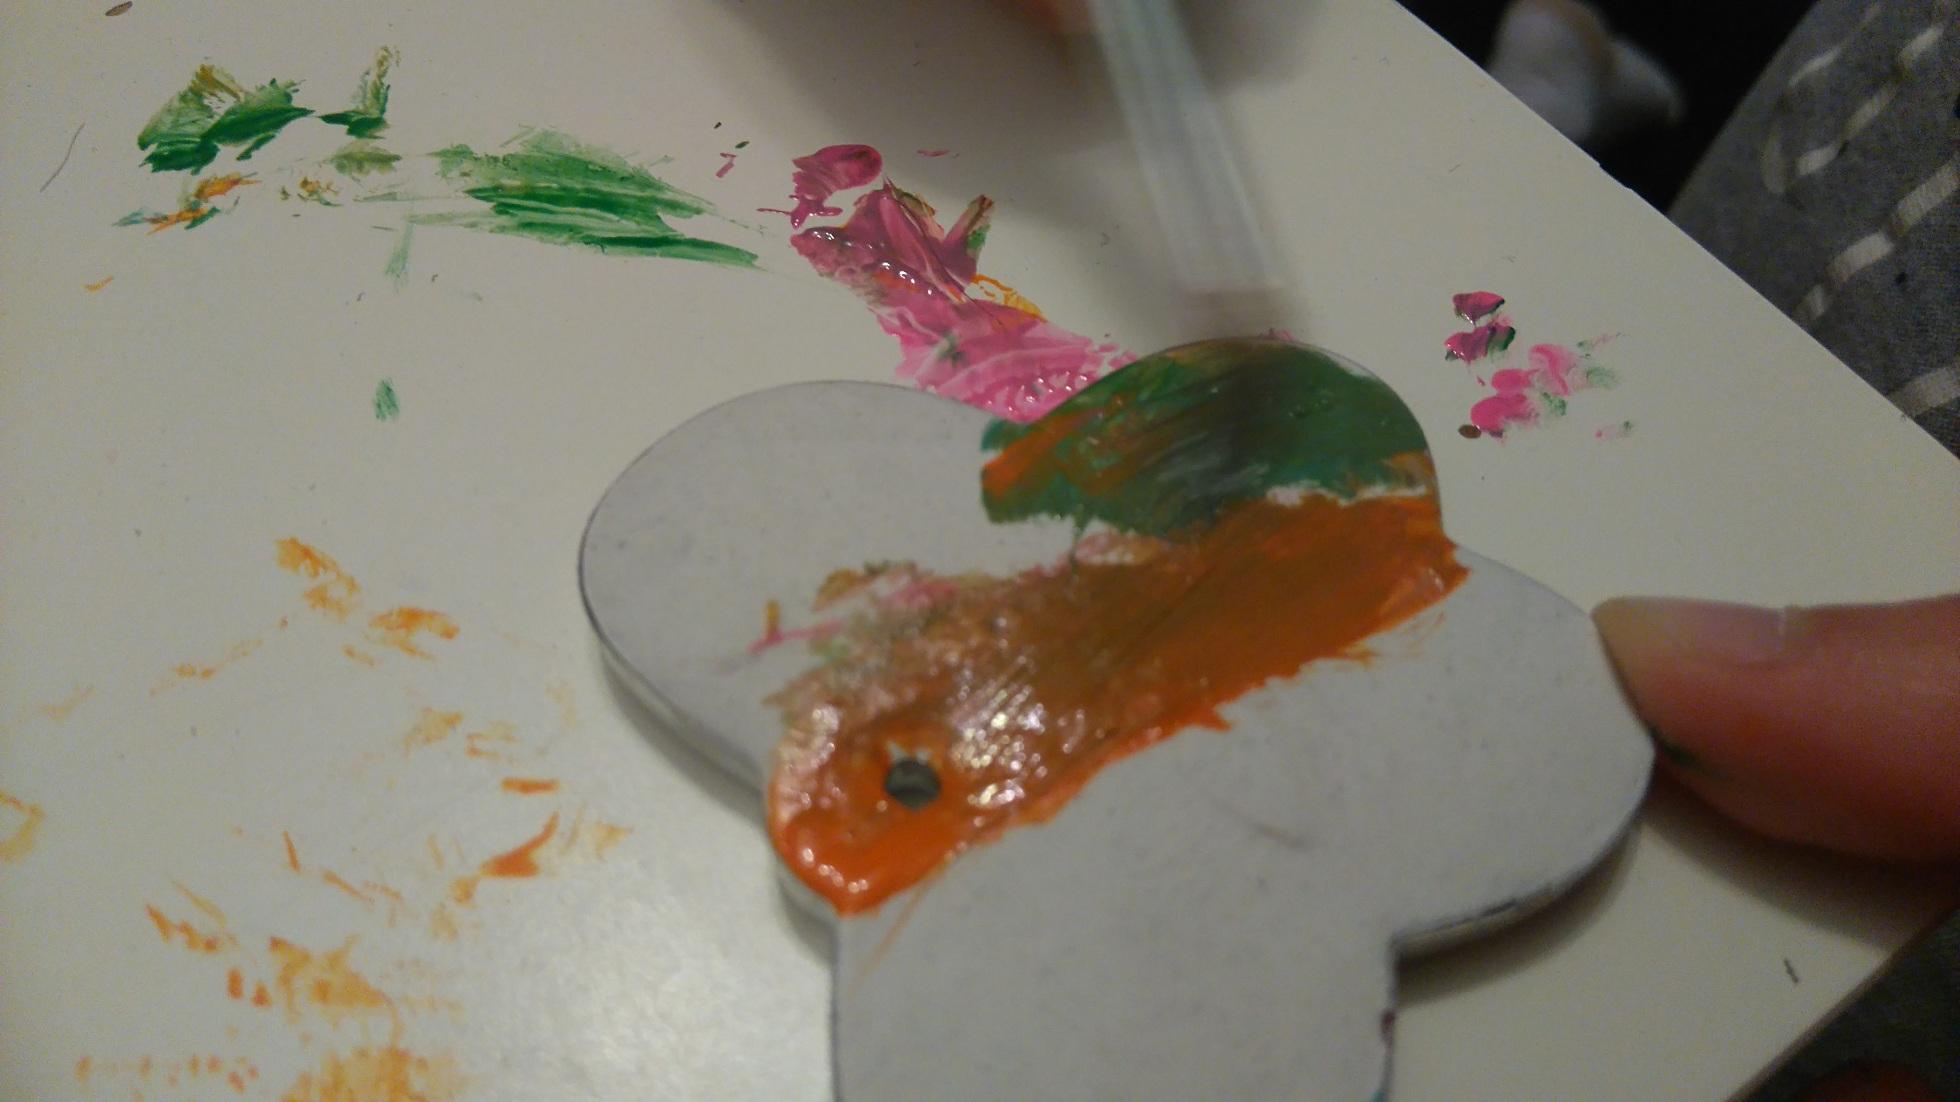 malowanie pędzlem gipsowego wisiorka w kształcie motylka